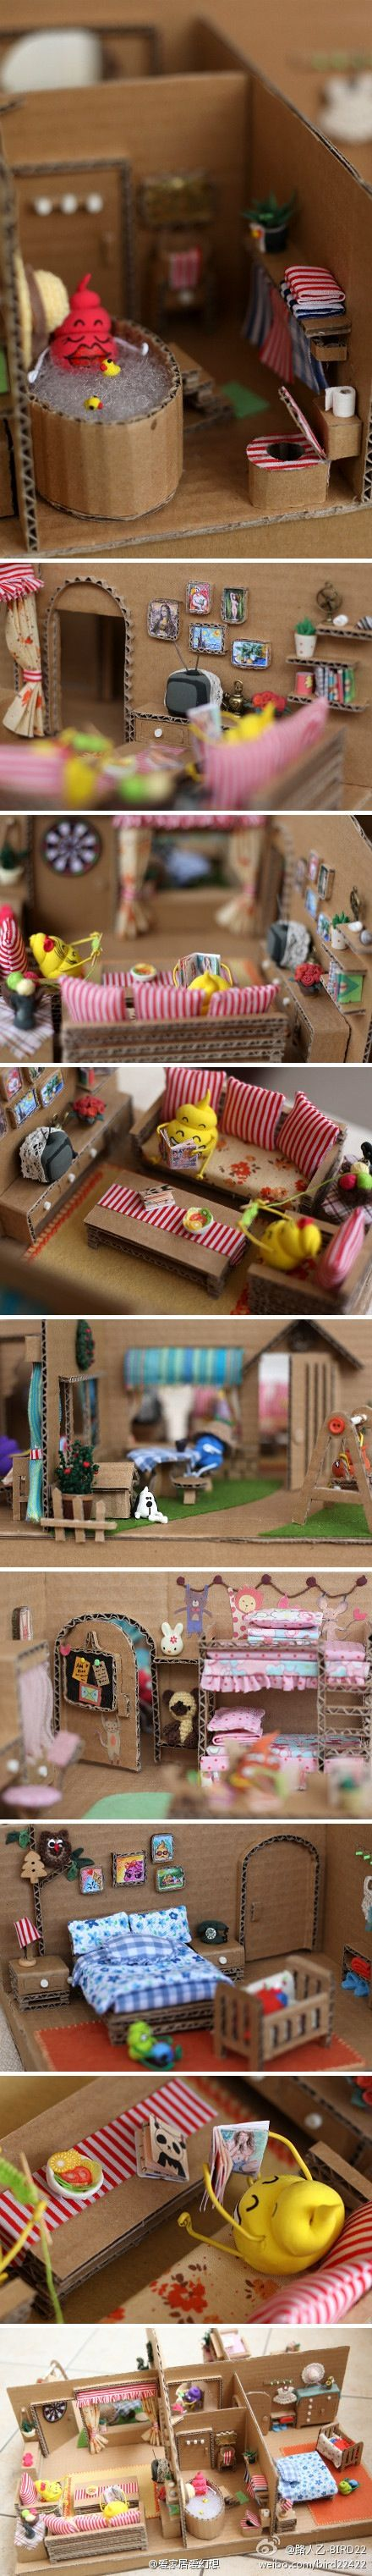 35 ideas para hacer una casita de muñecas                                                                                                                                                     Más